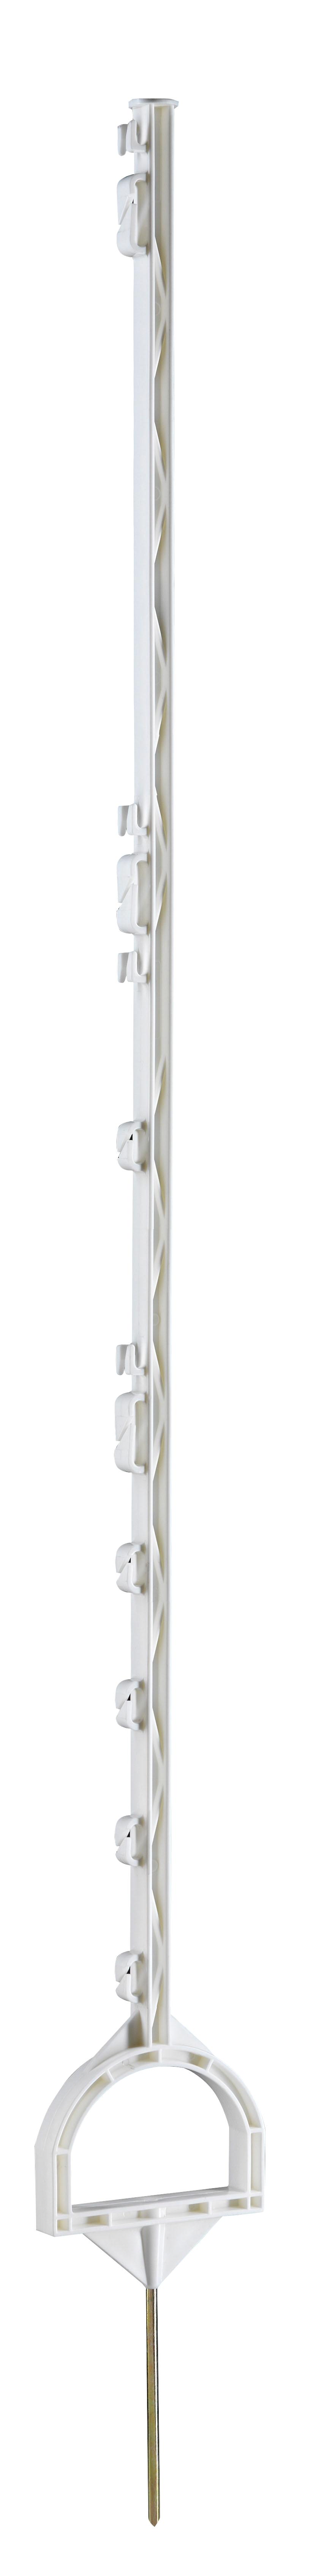 Instappaal met stijgbeugel 158 cm wit